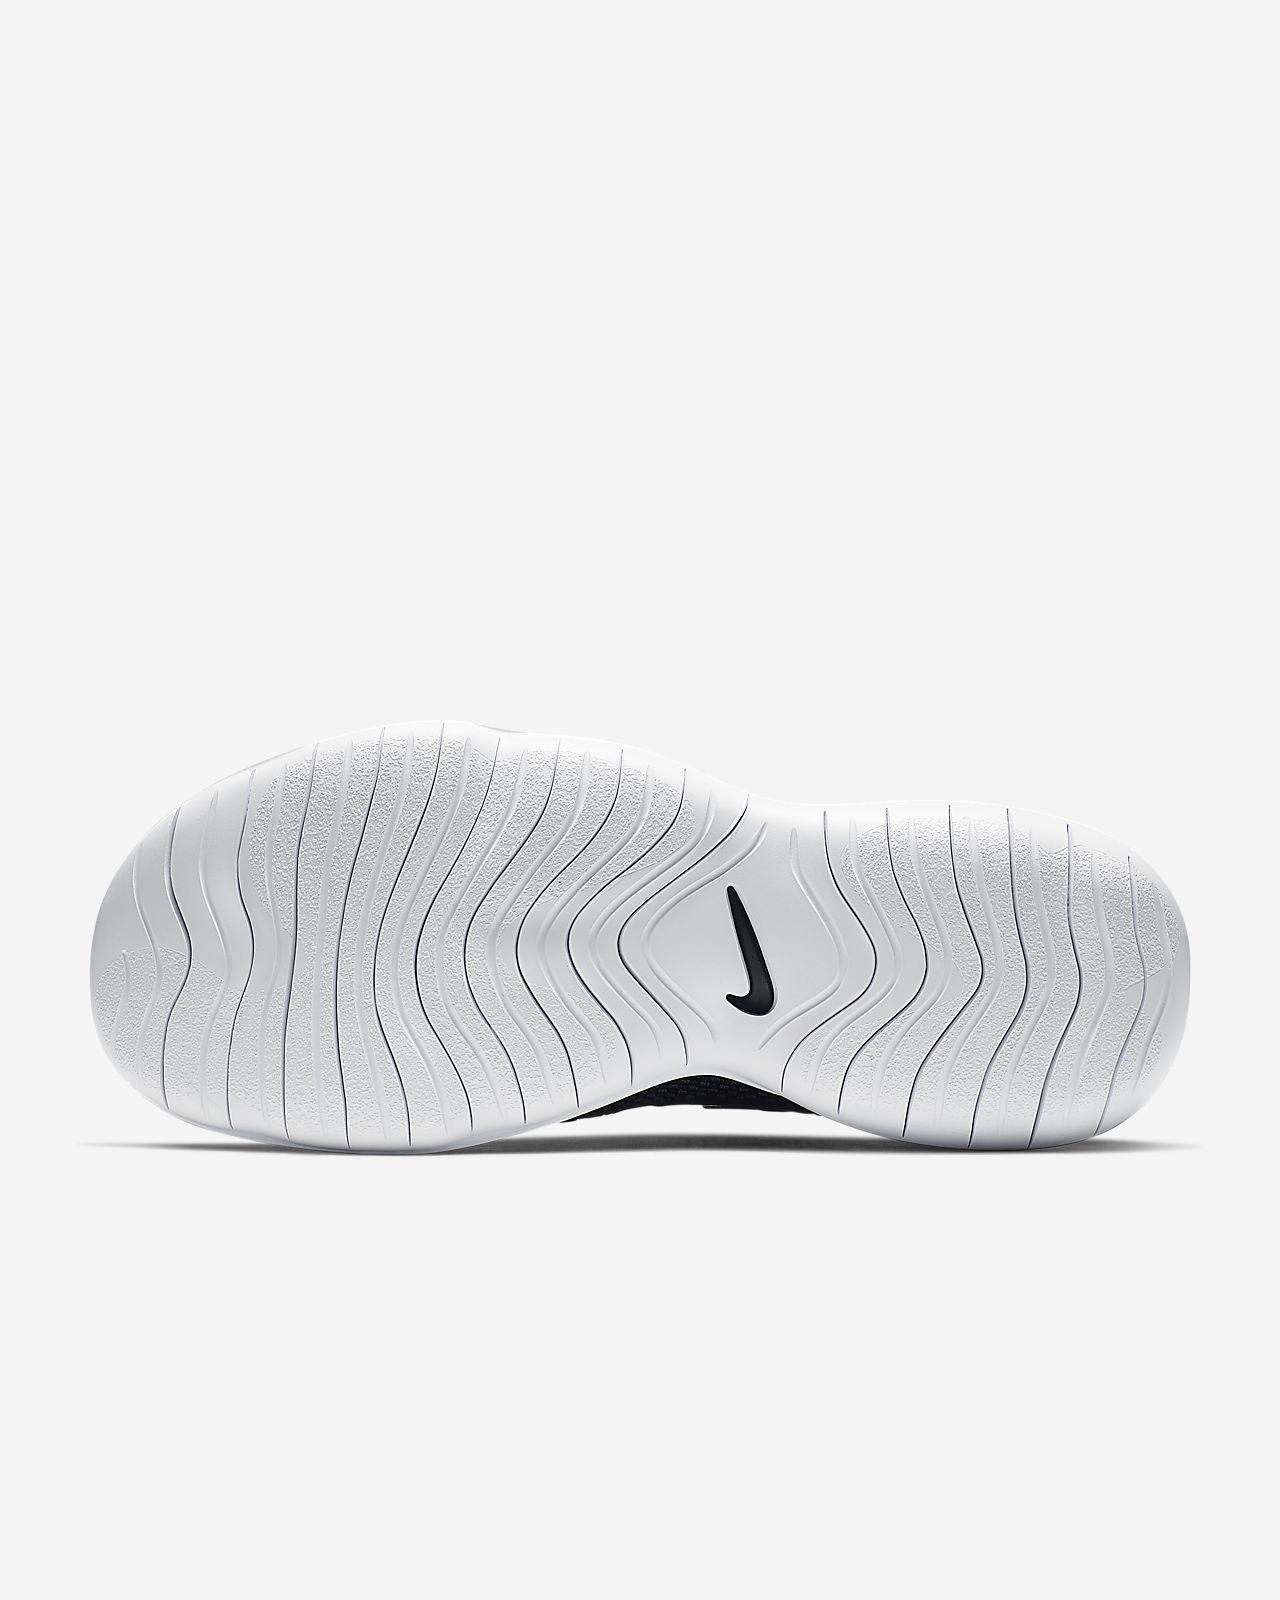 รองเท้าวิ่งผู้หญิง Nike Flex RN 2019